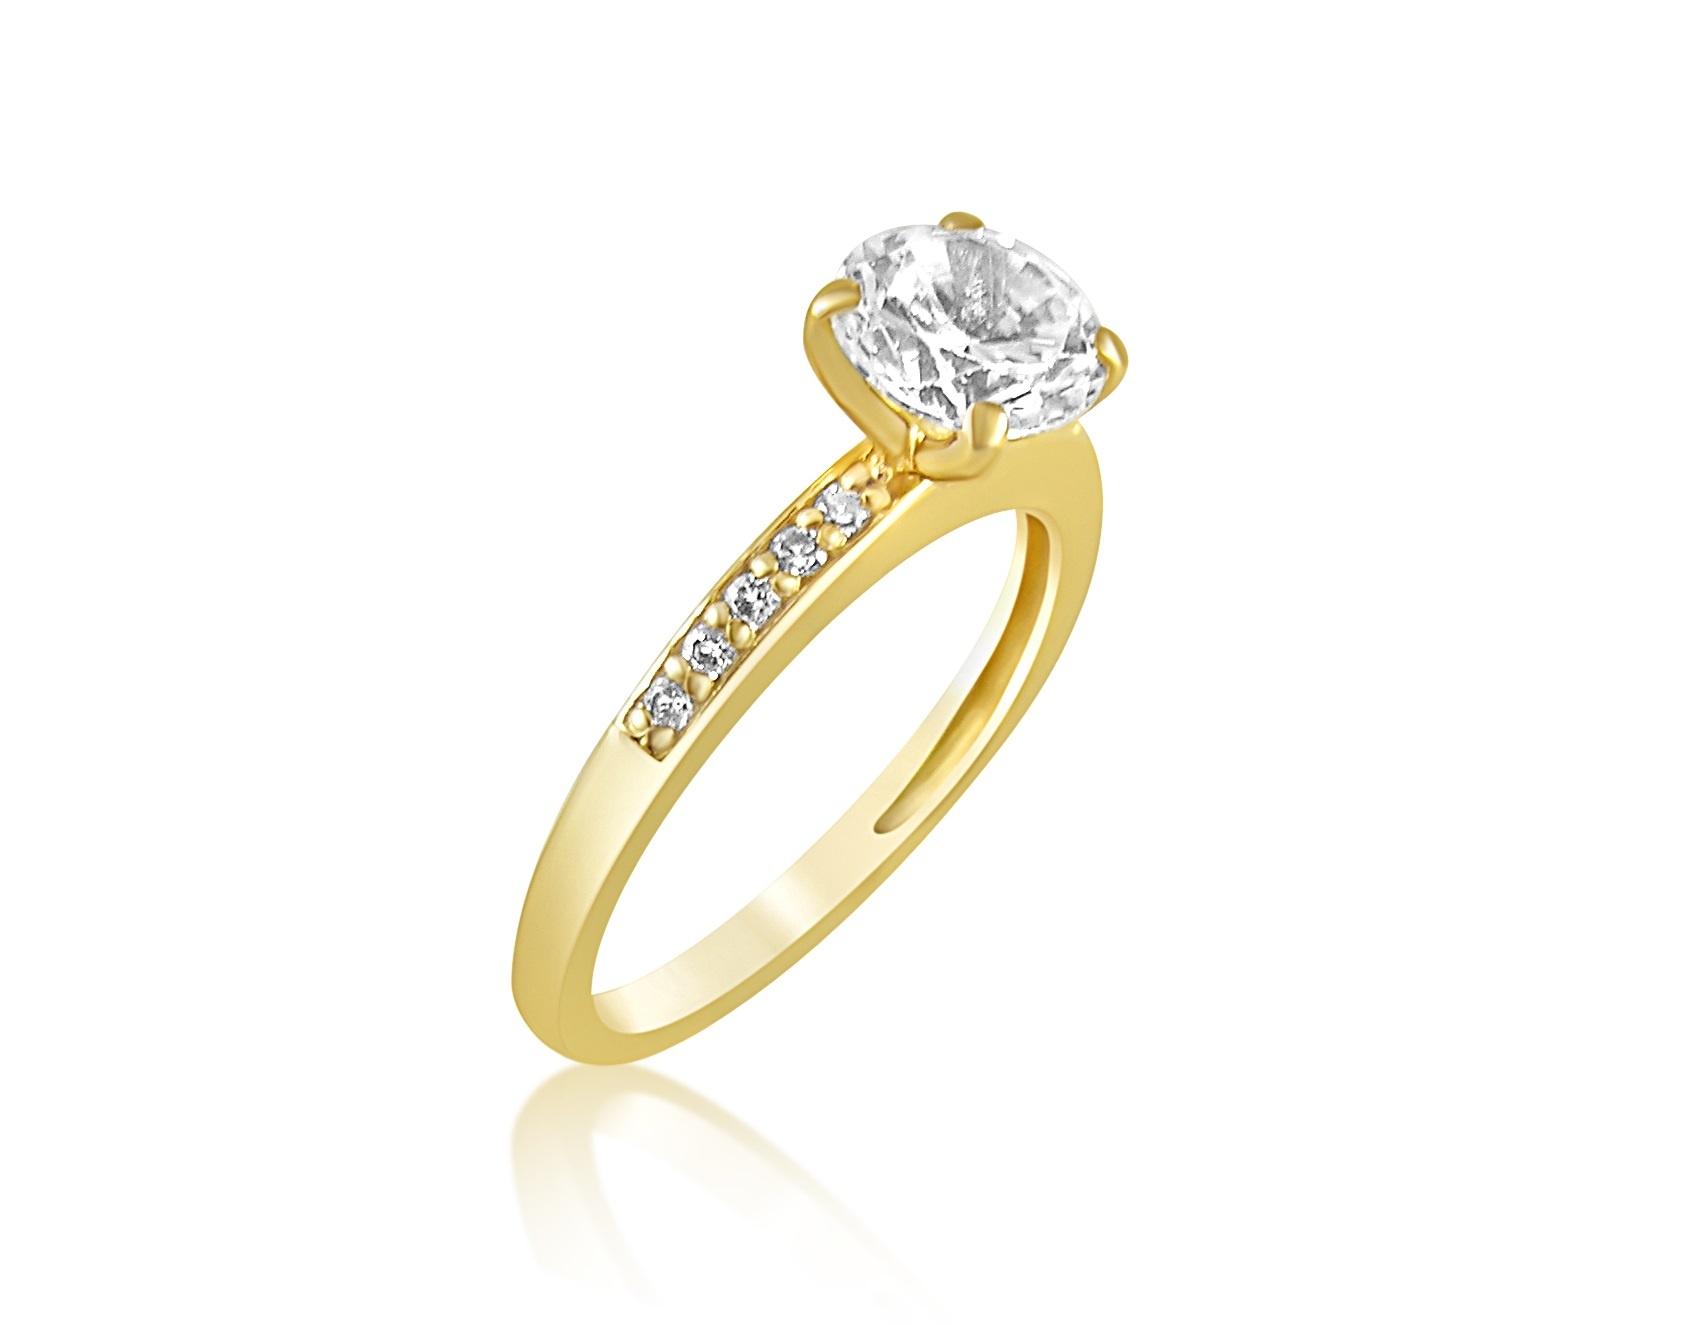 18 karaat geel goud verlovingsring met zirkonia